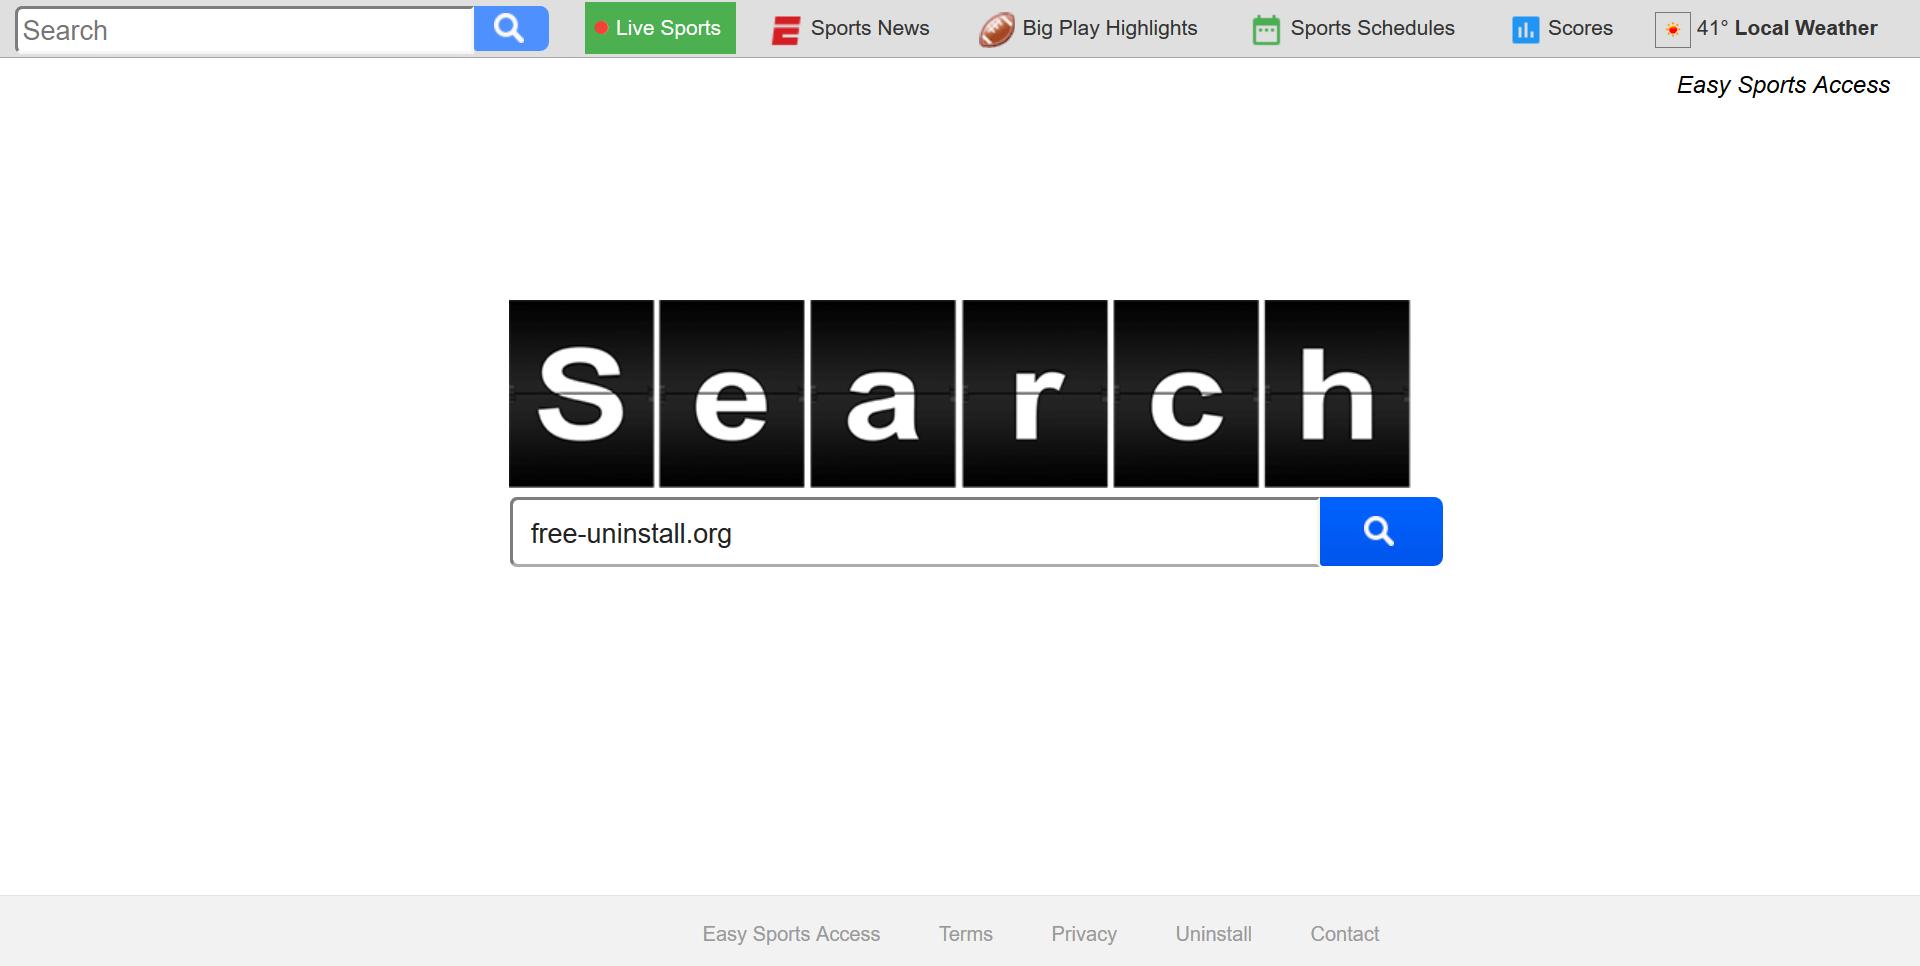 Search.searcheasysa.com Hijacker